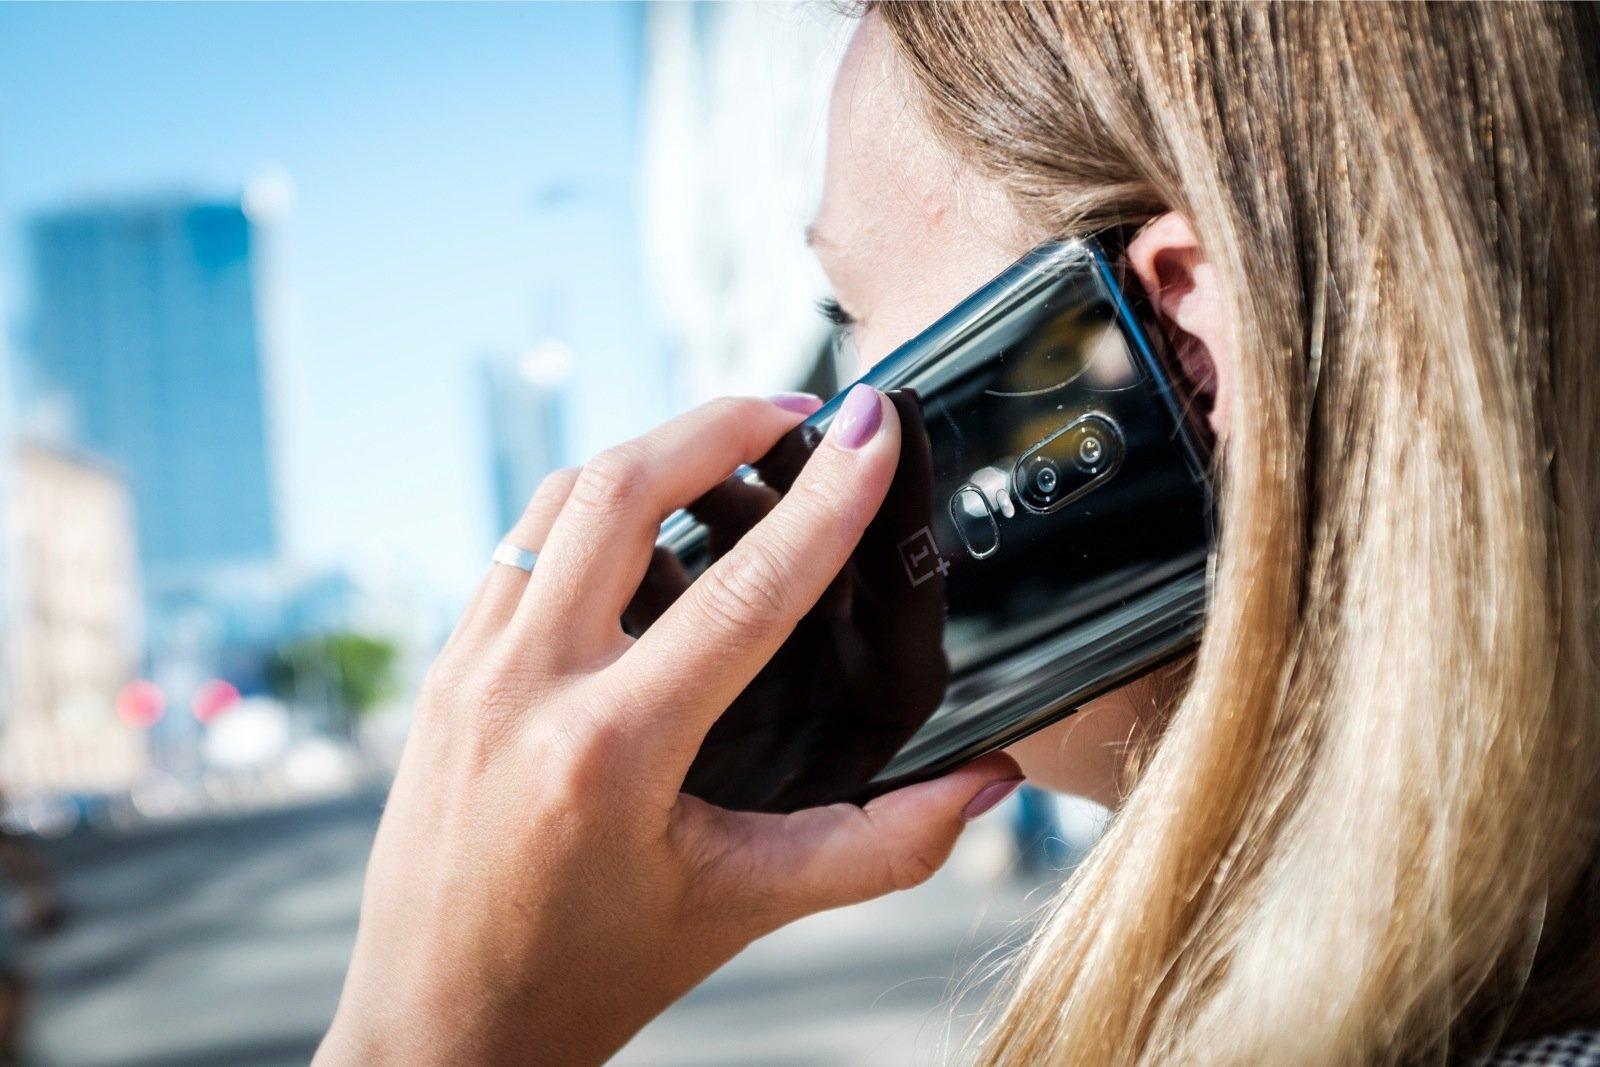 Riigiinfo telefonile helistajad otsivad võimalusi piirangutest kõrvale hiilida: